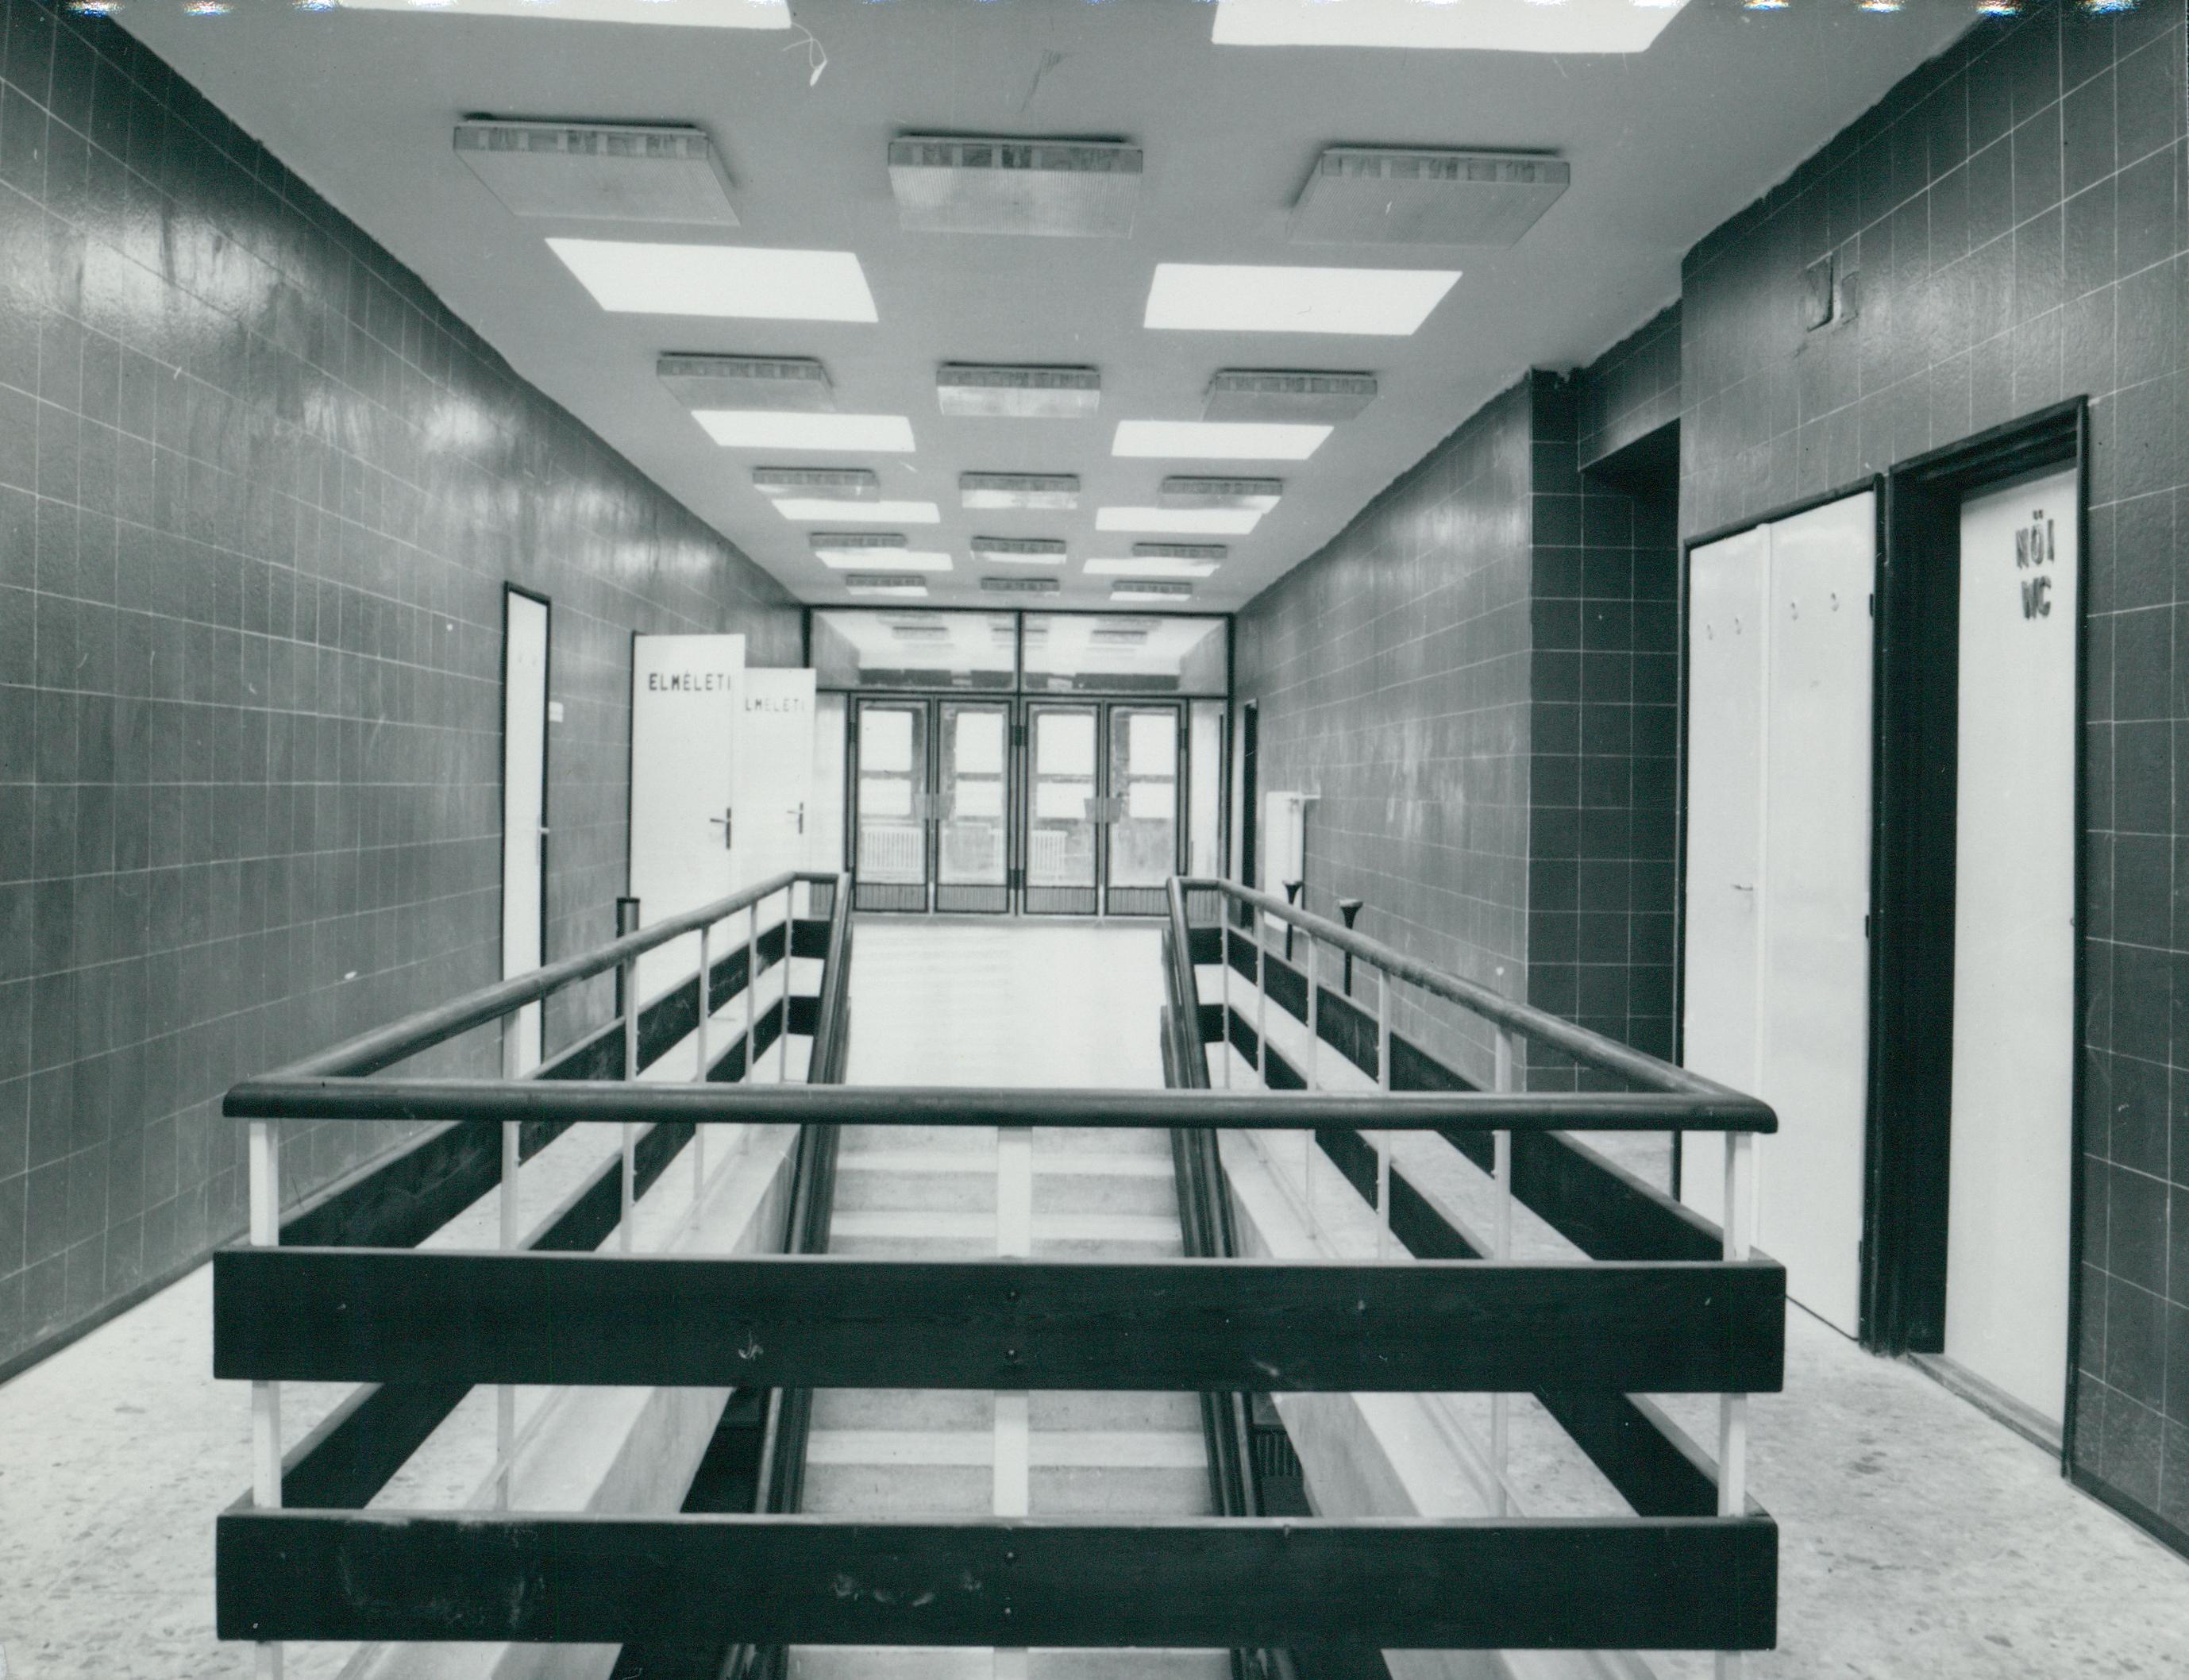 A veszprémi ATI (Autóközlekedési Tanintézet) lépcsőháza